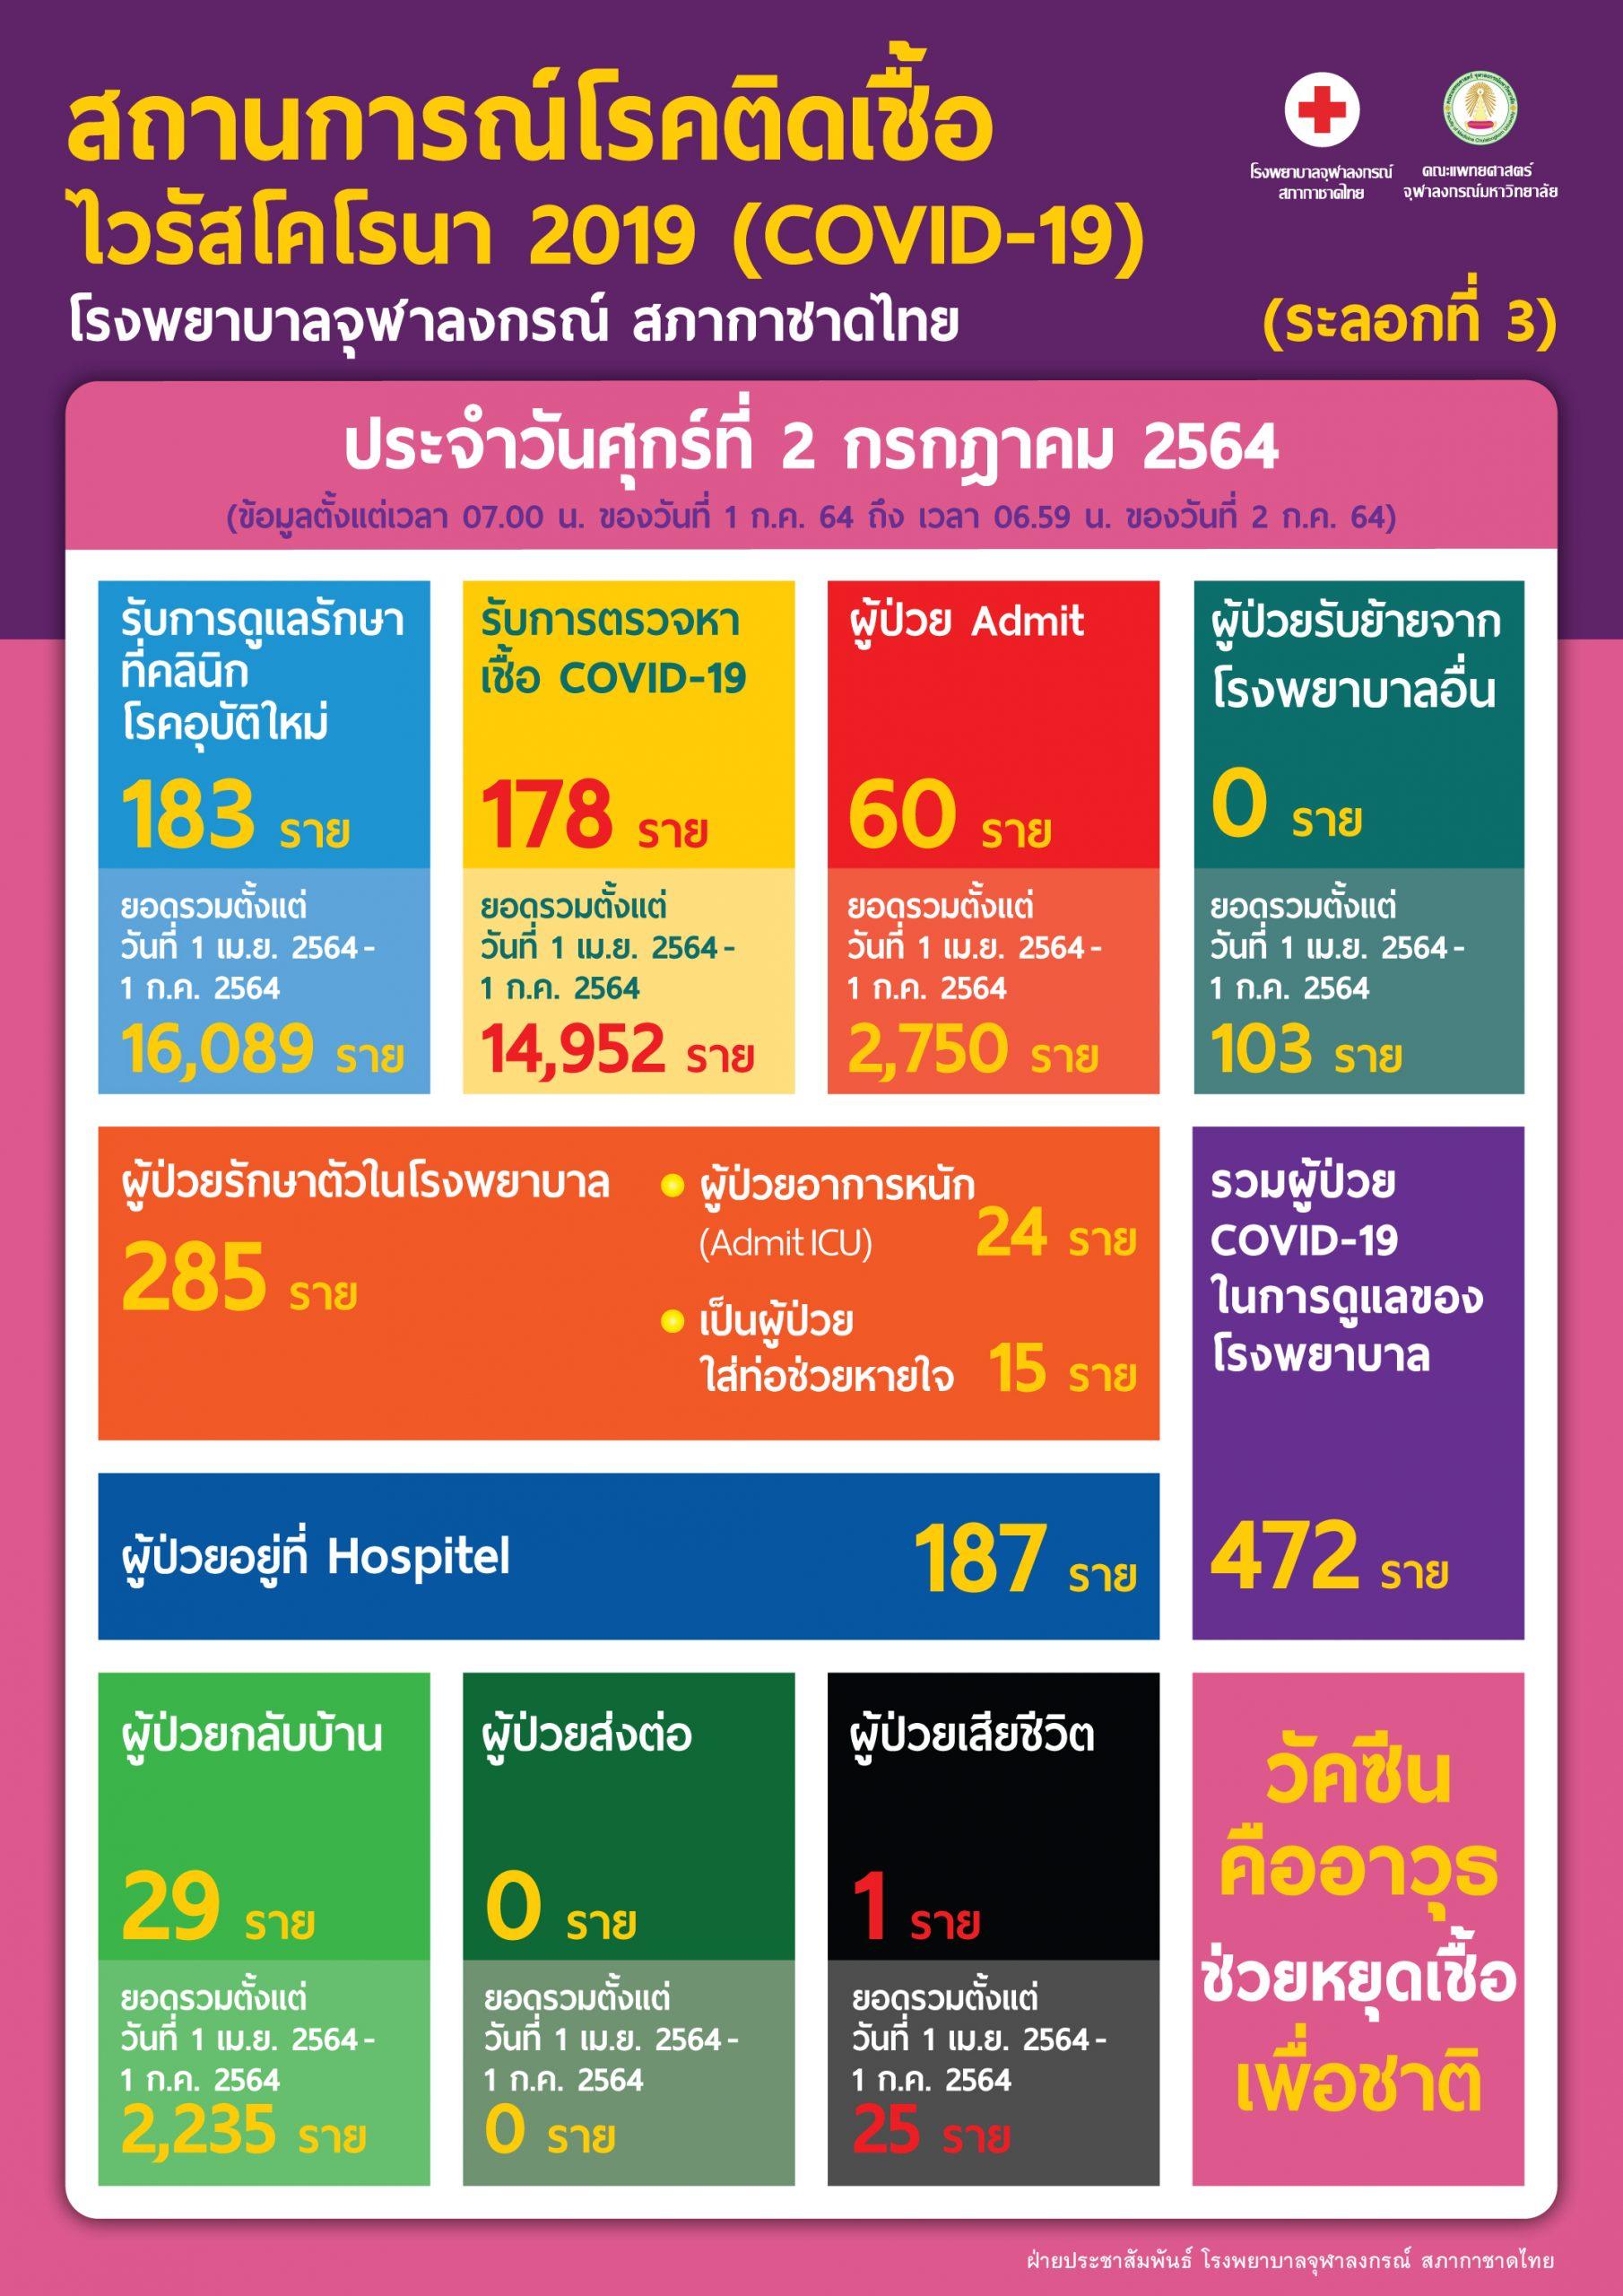 สถานการณ์โรคติดเชื้อไวรัสโคโรนา 2019 (COVID-19) (ระลอกที่ 3) โรงพยาบาลจุฬาลงกรณ์ สภากาชาดไทย  ประจำวันศุกร์ที่ 2 กรกฎาคม 2564